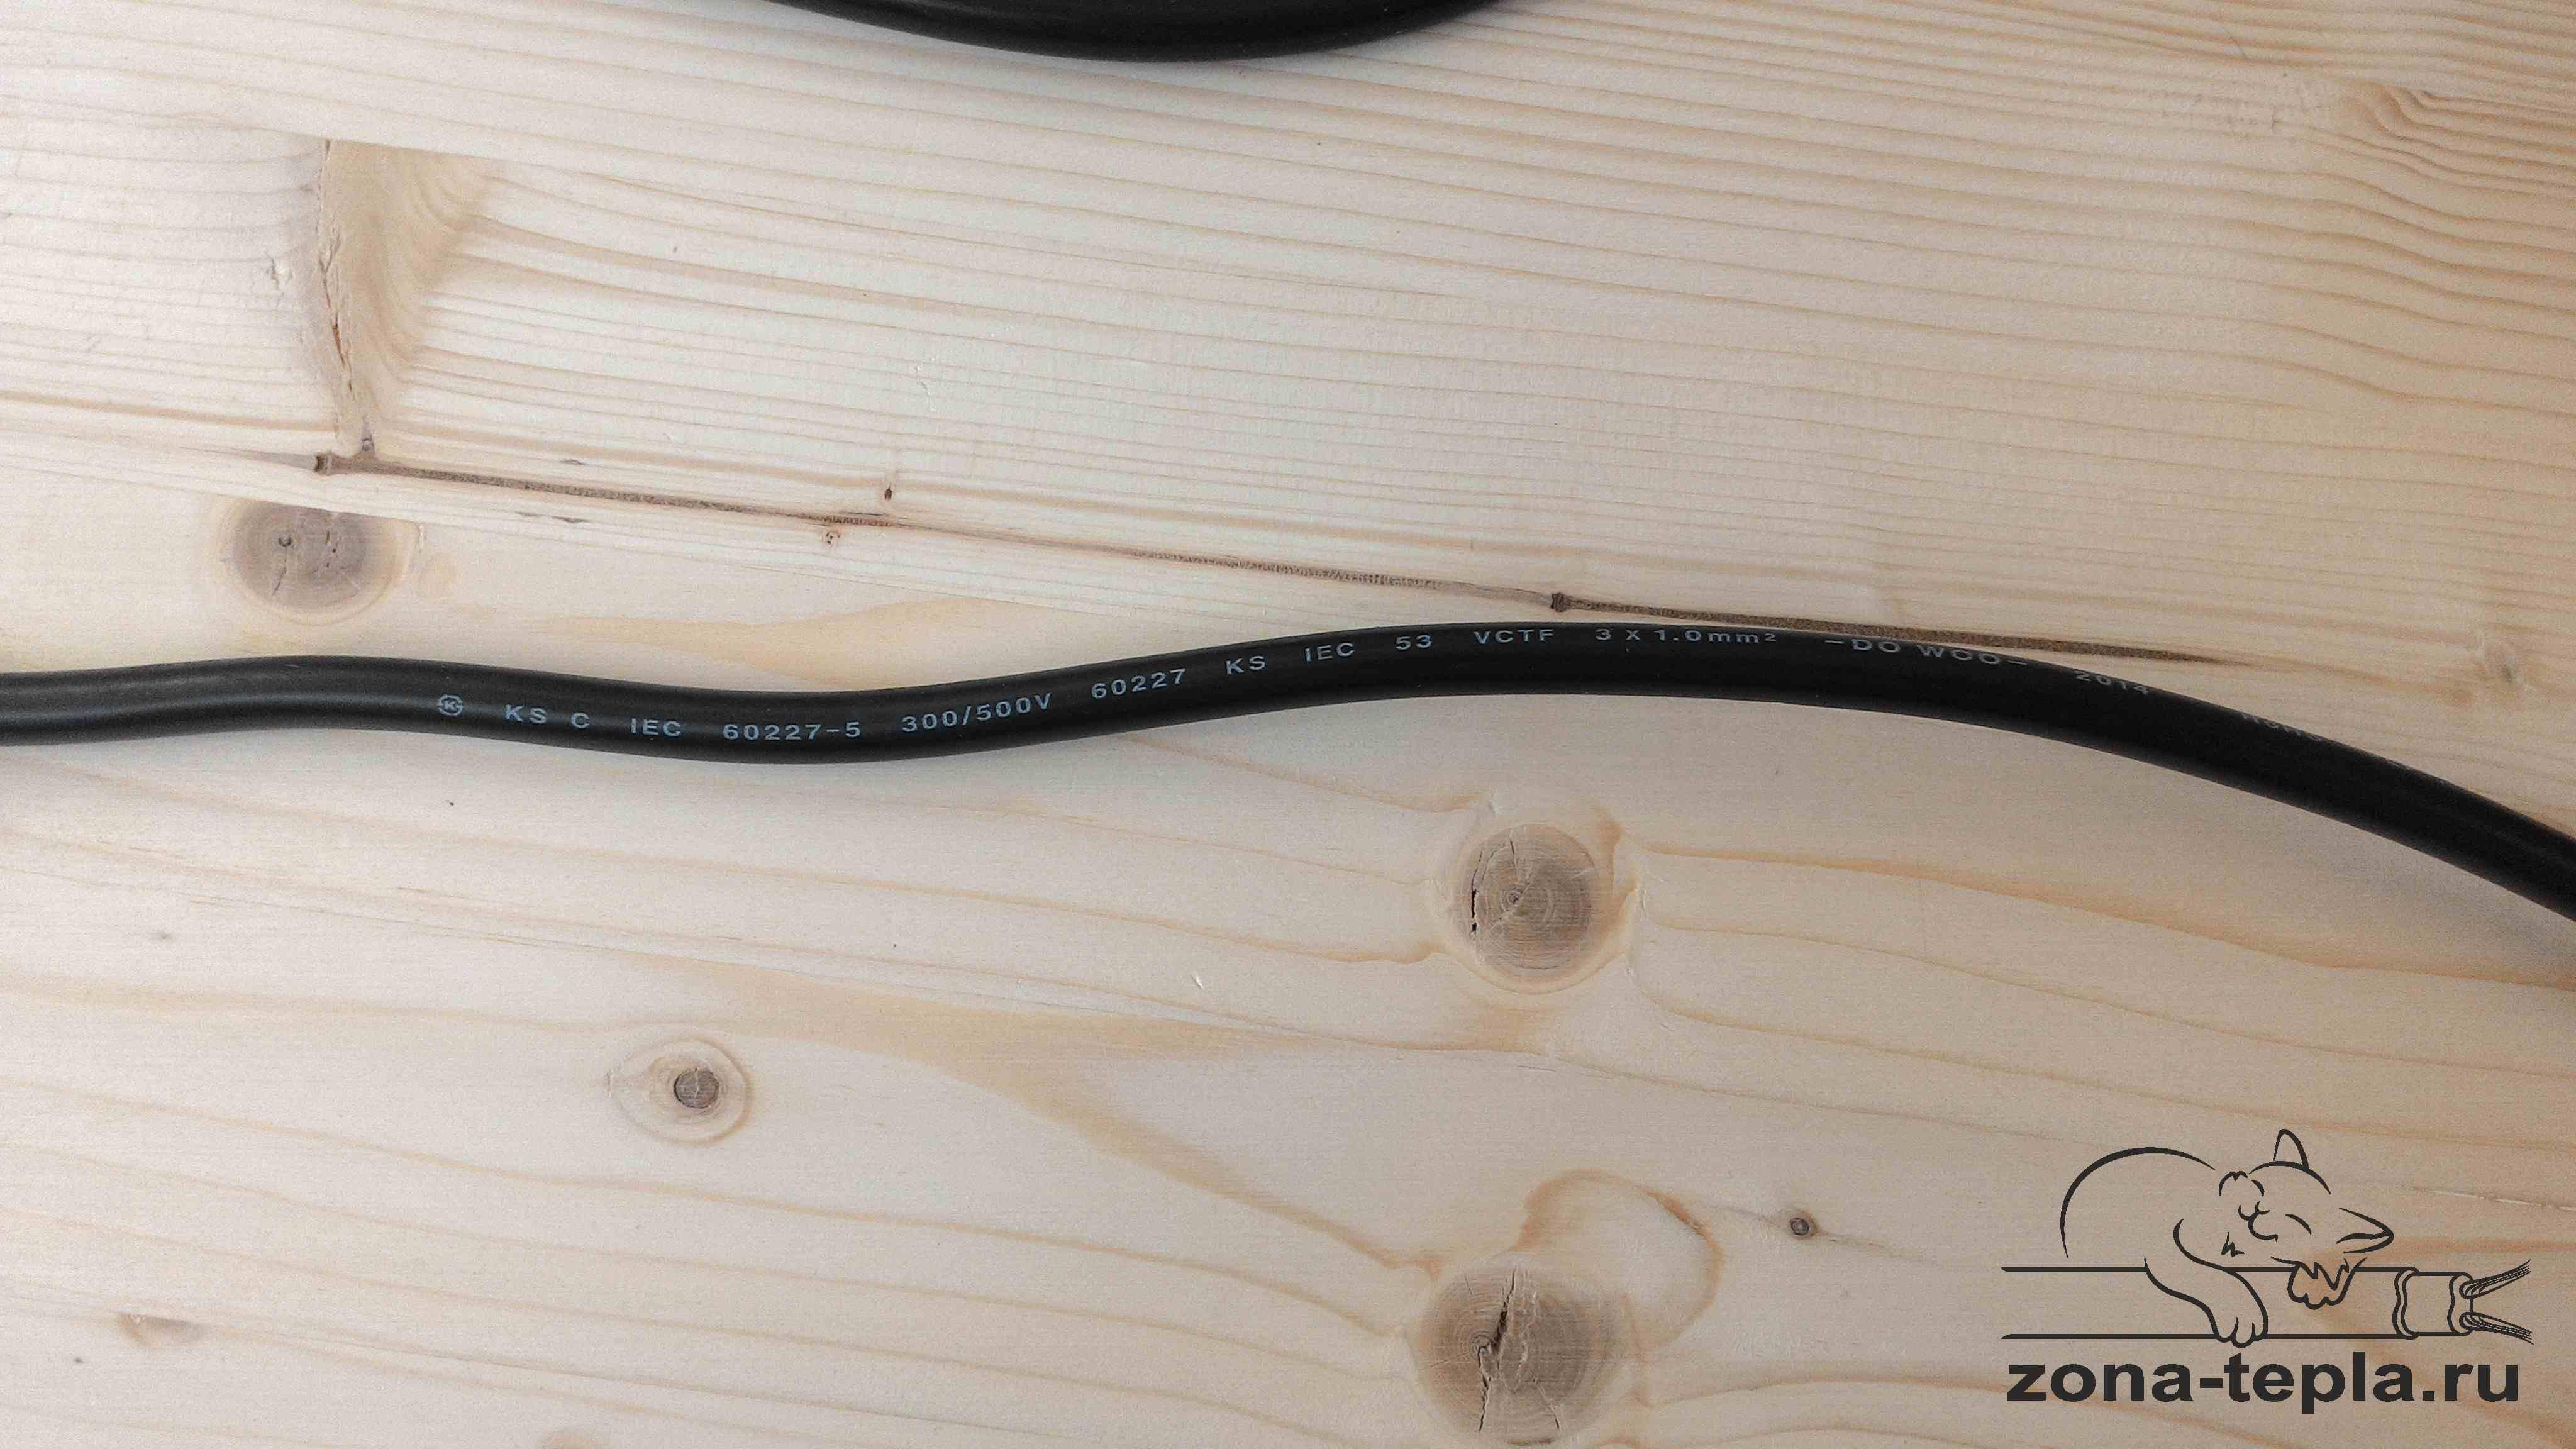 Теплый пол под плитку электрический - холодный шнур